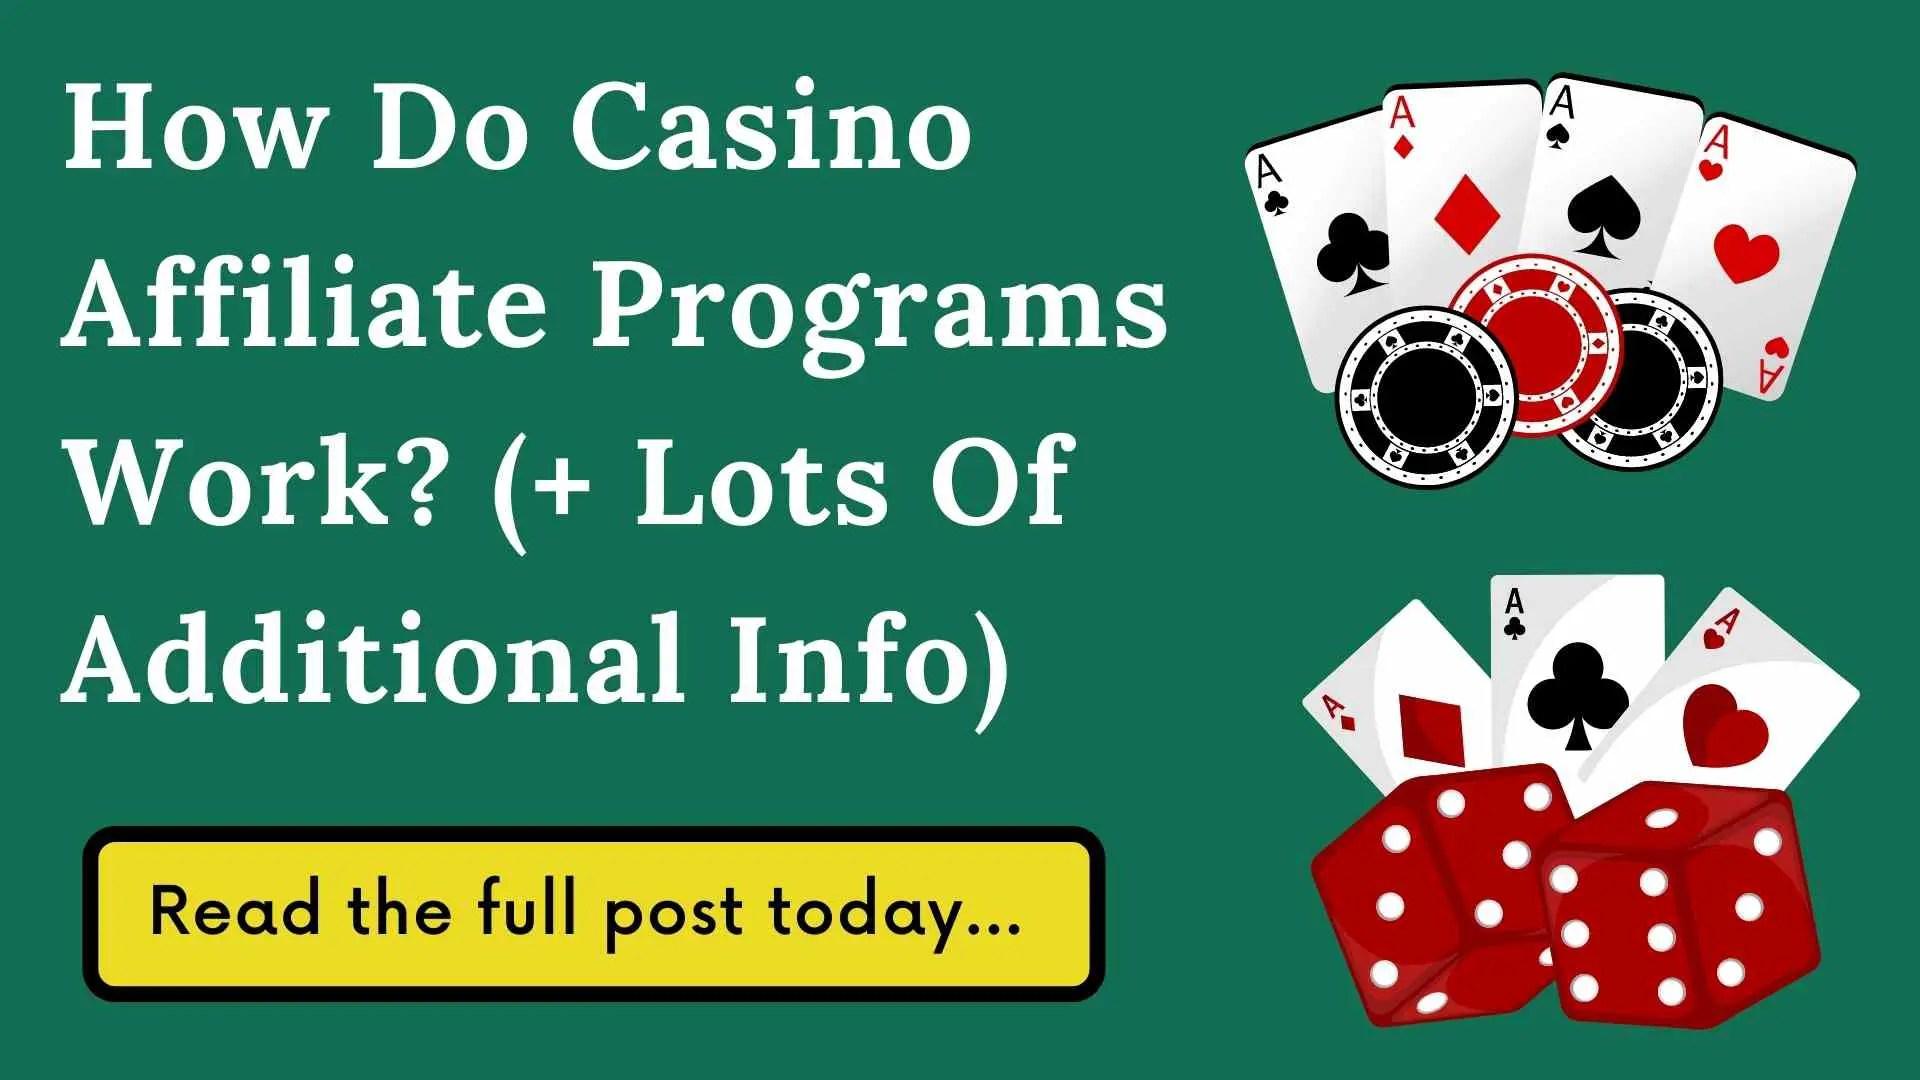 how do casino affiliate programs work